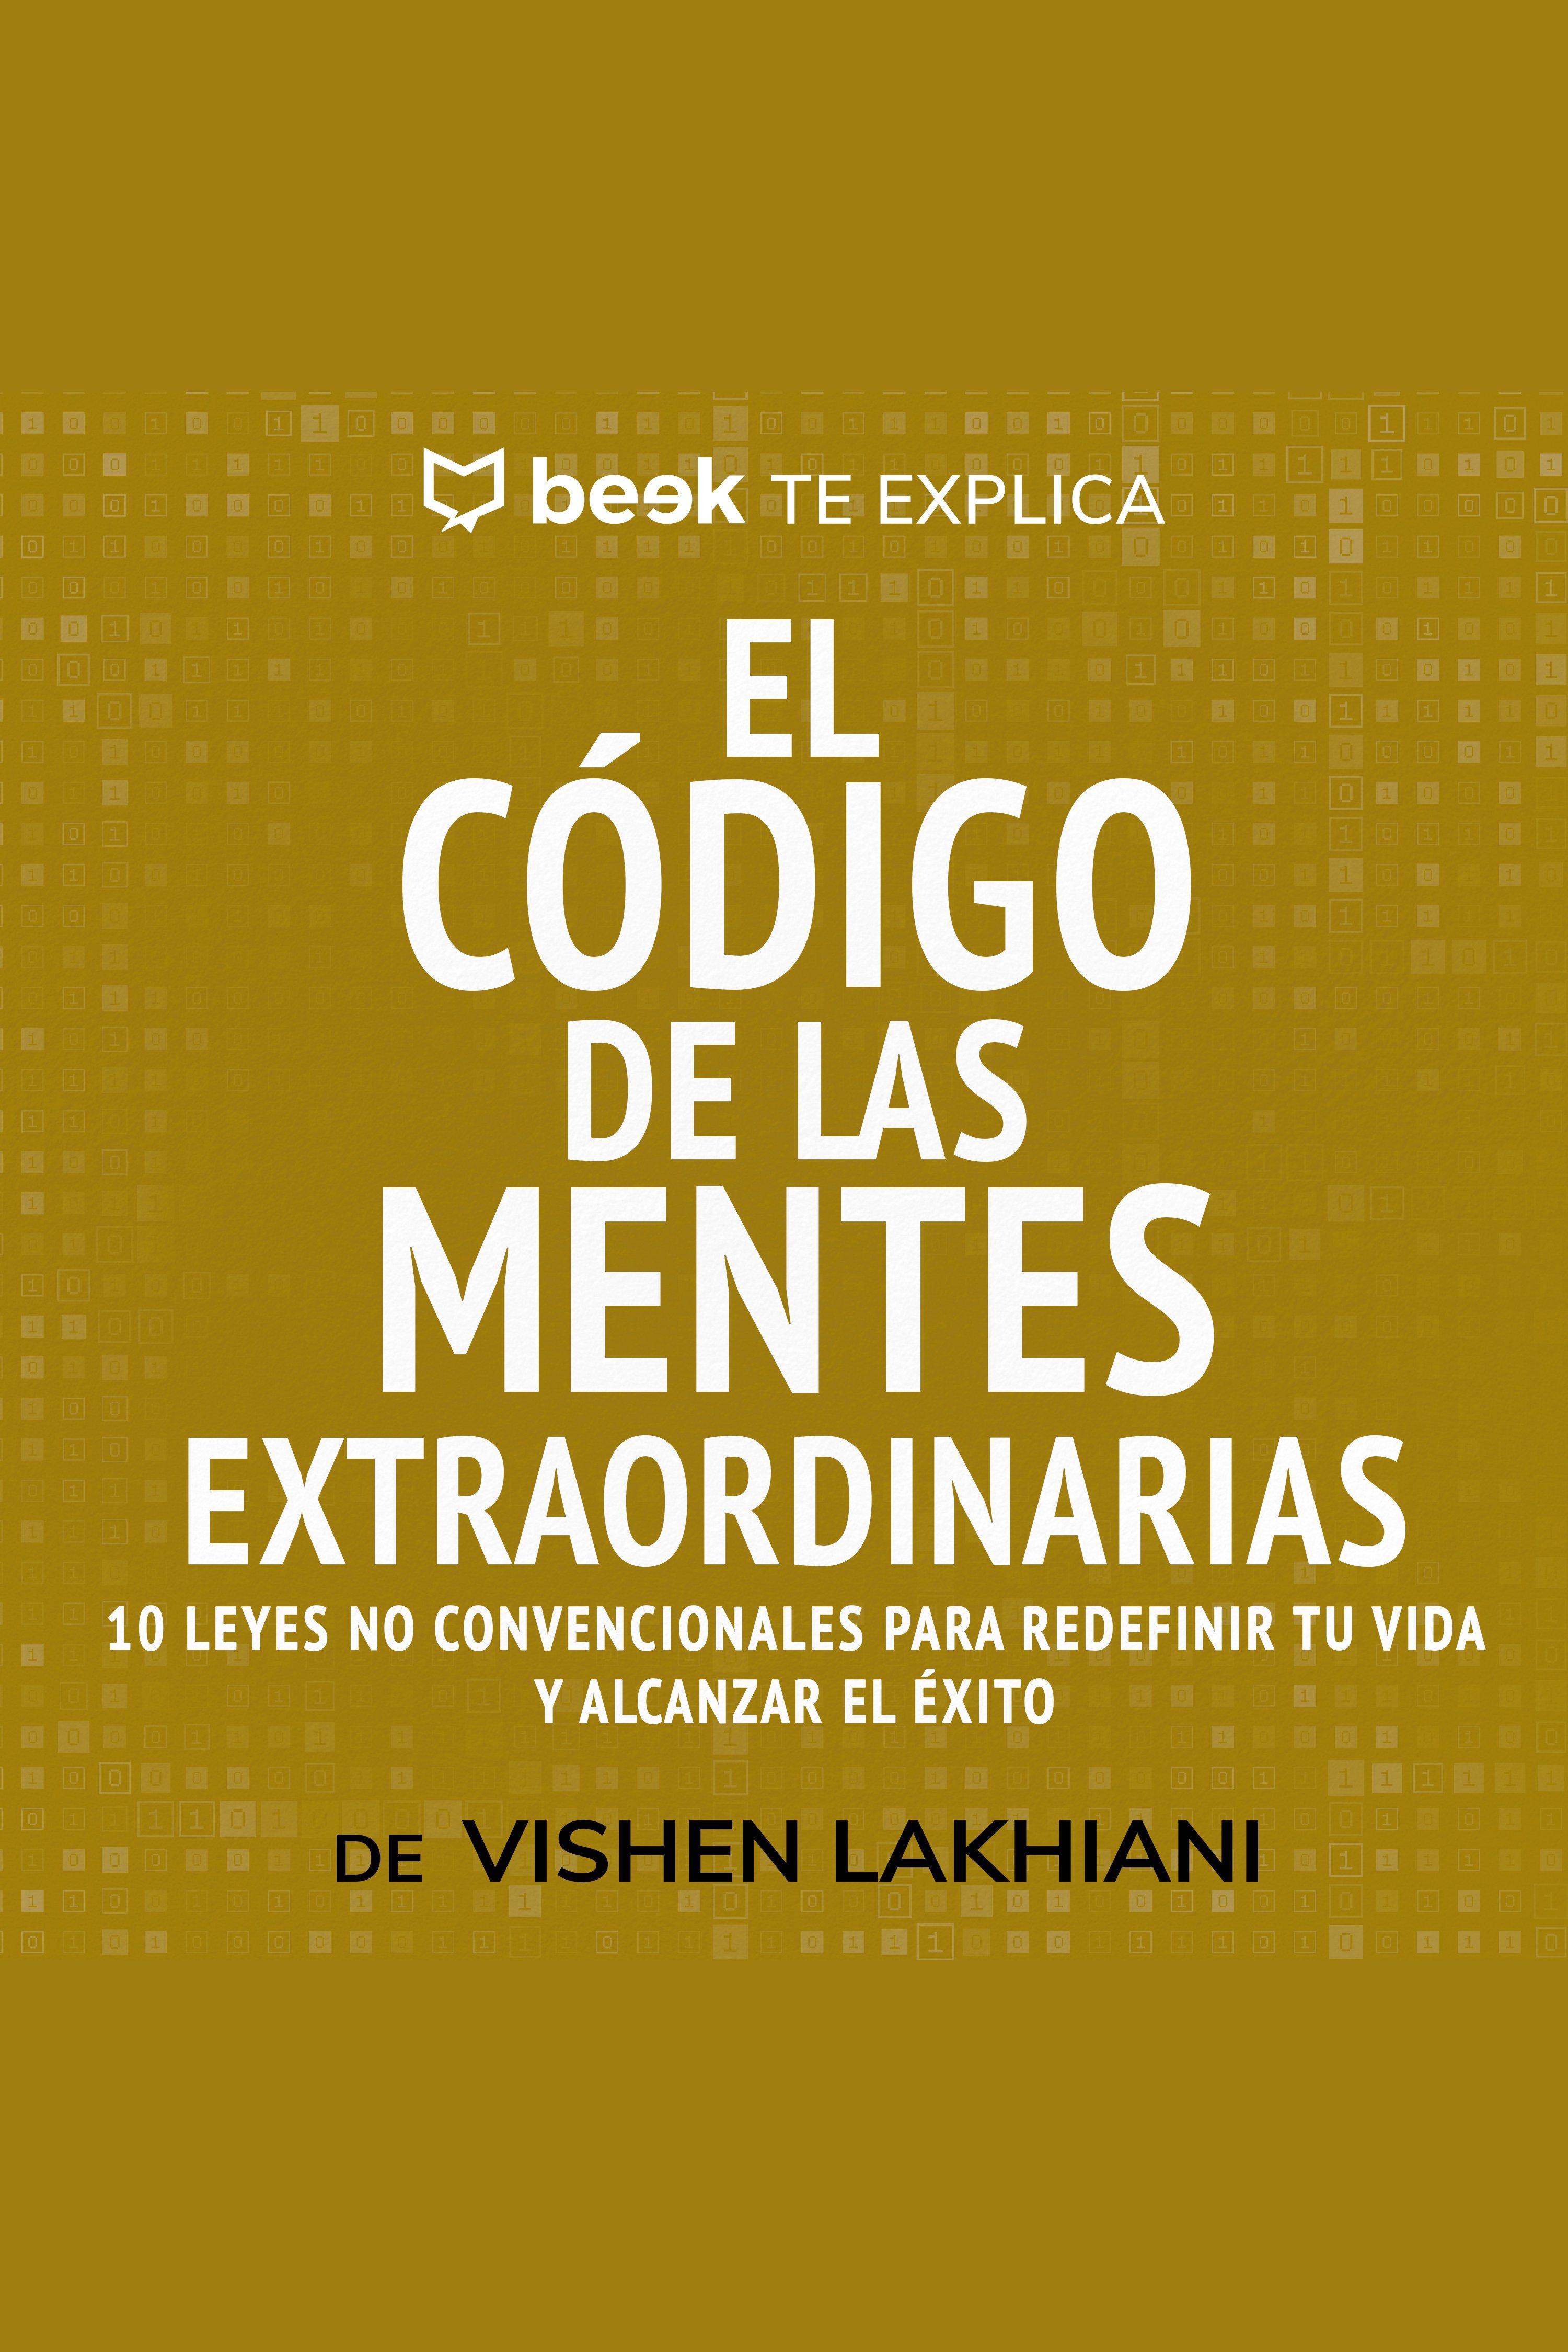 Esta es la portada del audiolibro El código de las mentes extraordinarias… Beek te explica